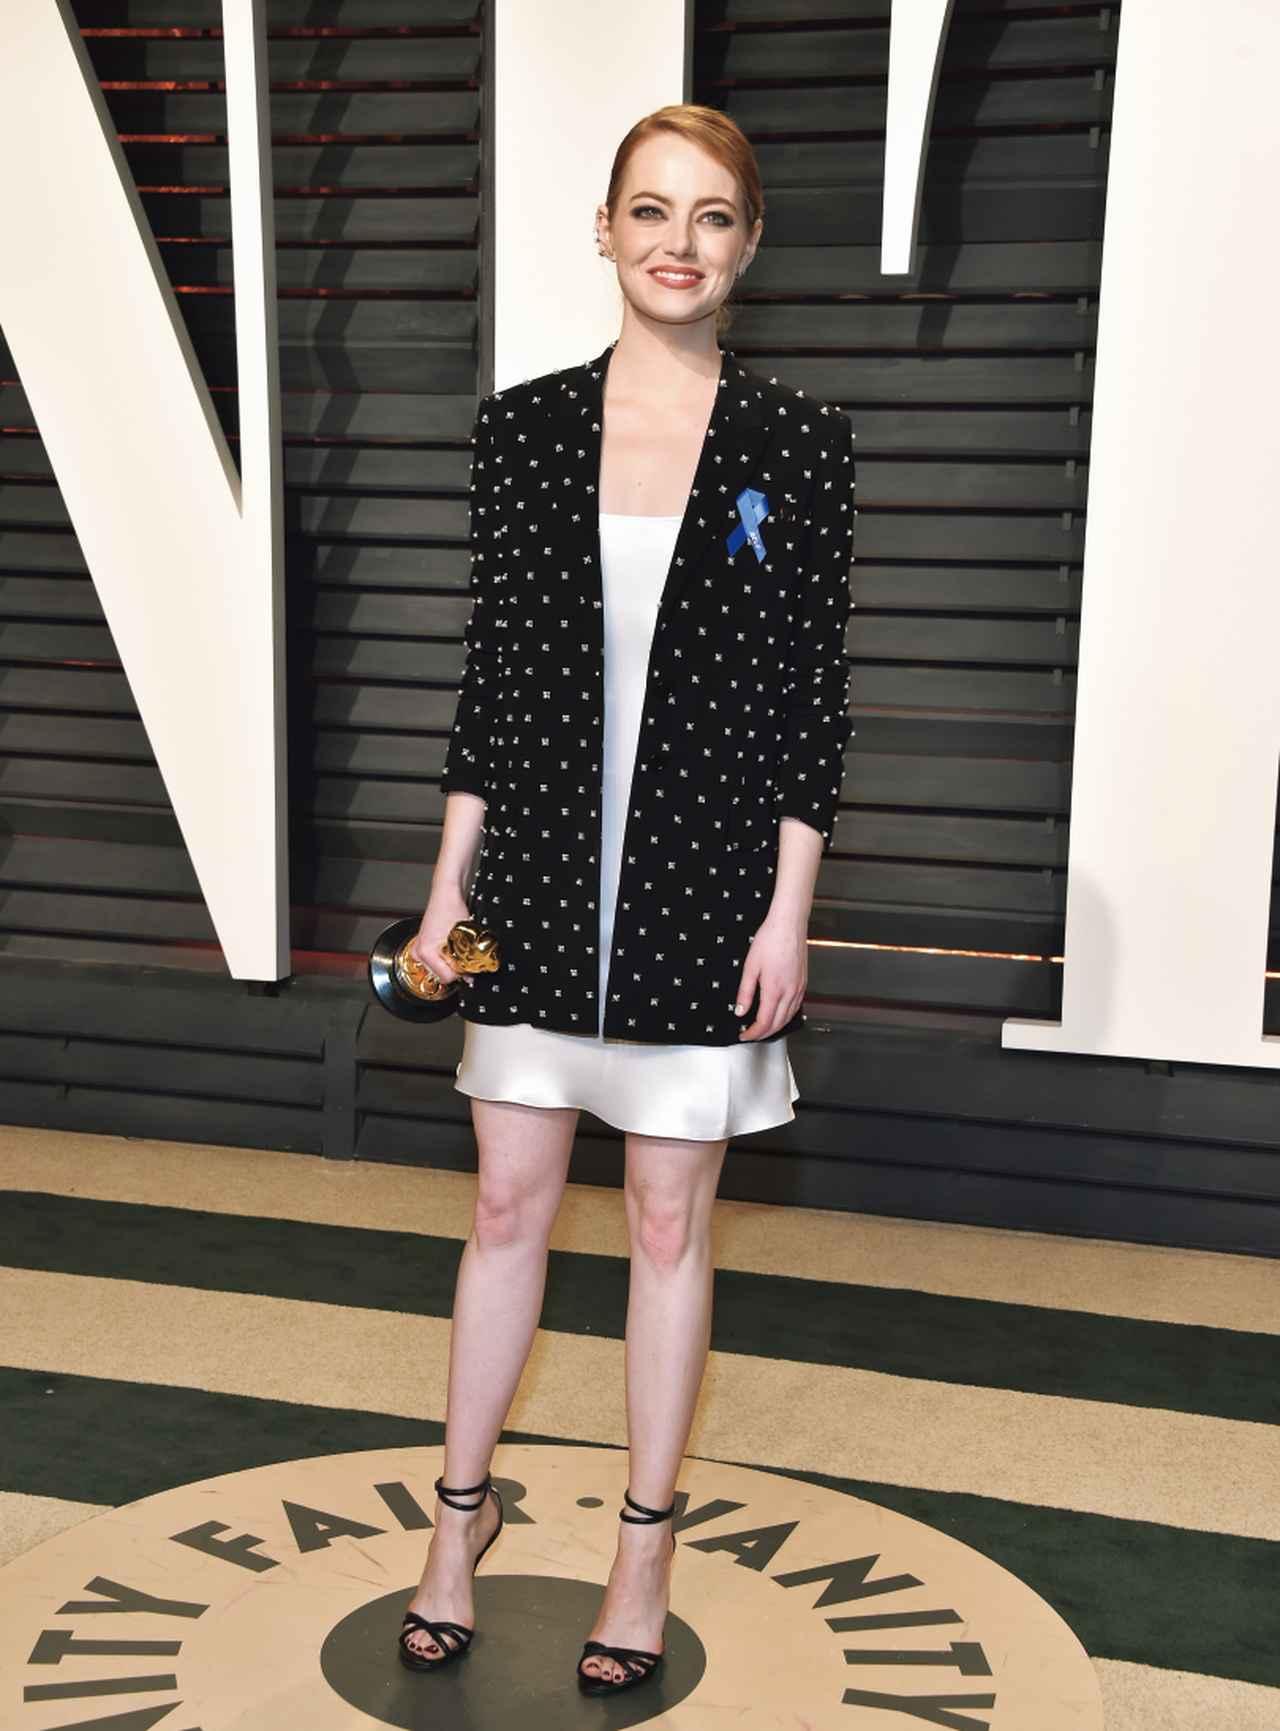 画像: パーティー用に衣装チェンジしたエマ・ストーンは胸元にブルーリボンを